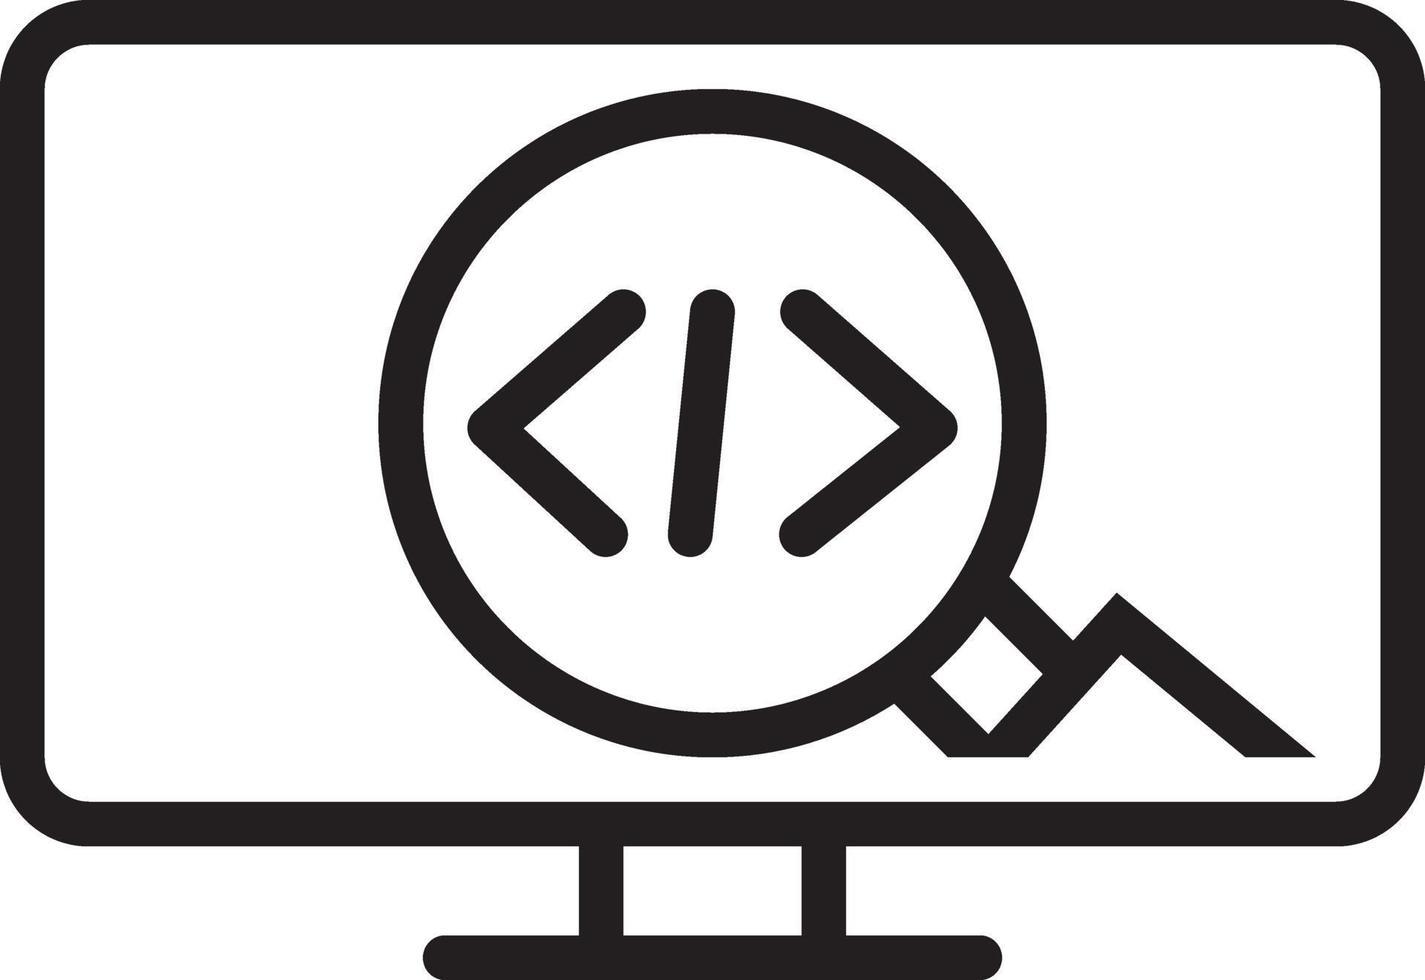 Zeilensymbol für Code vektor